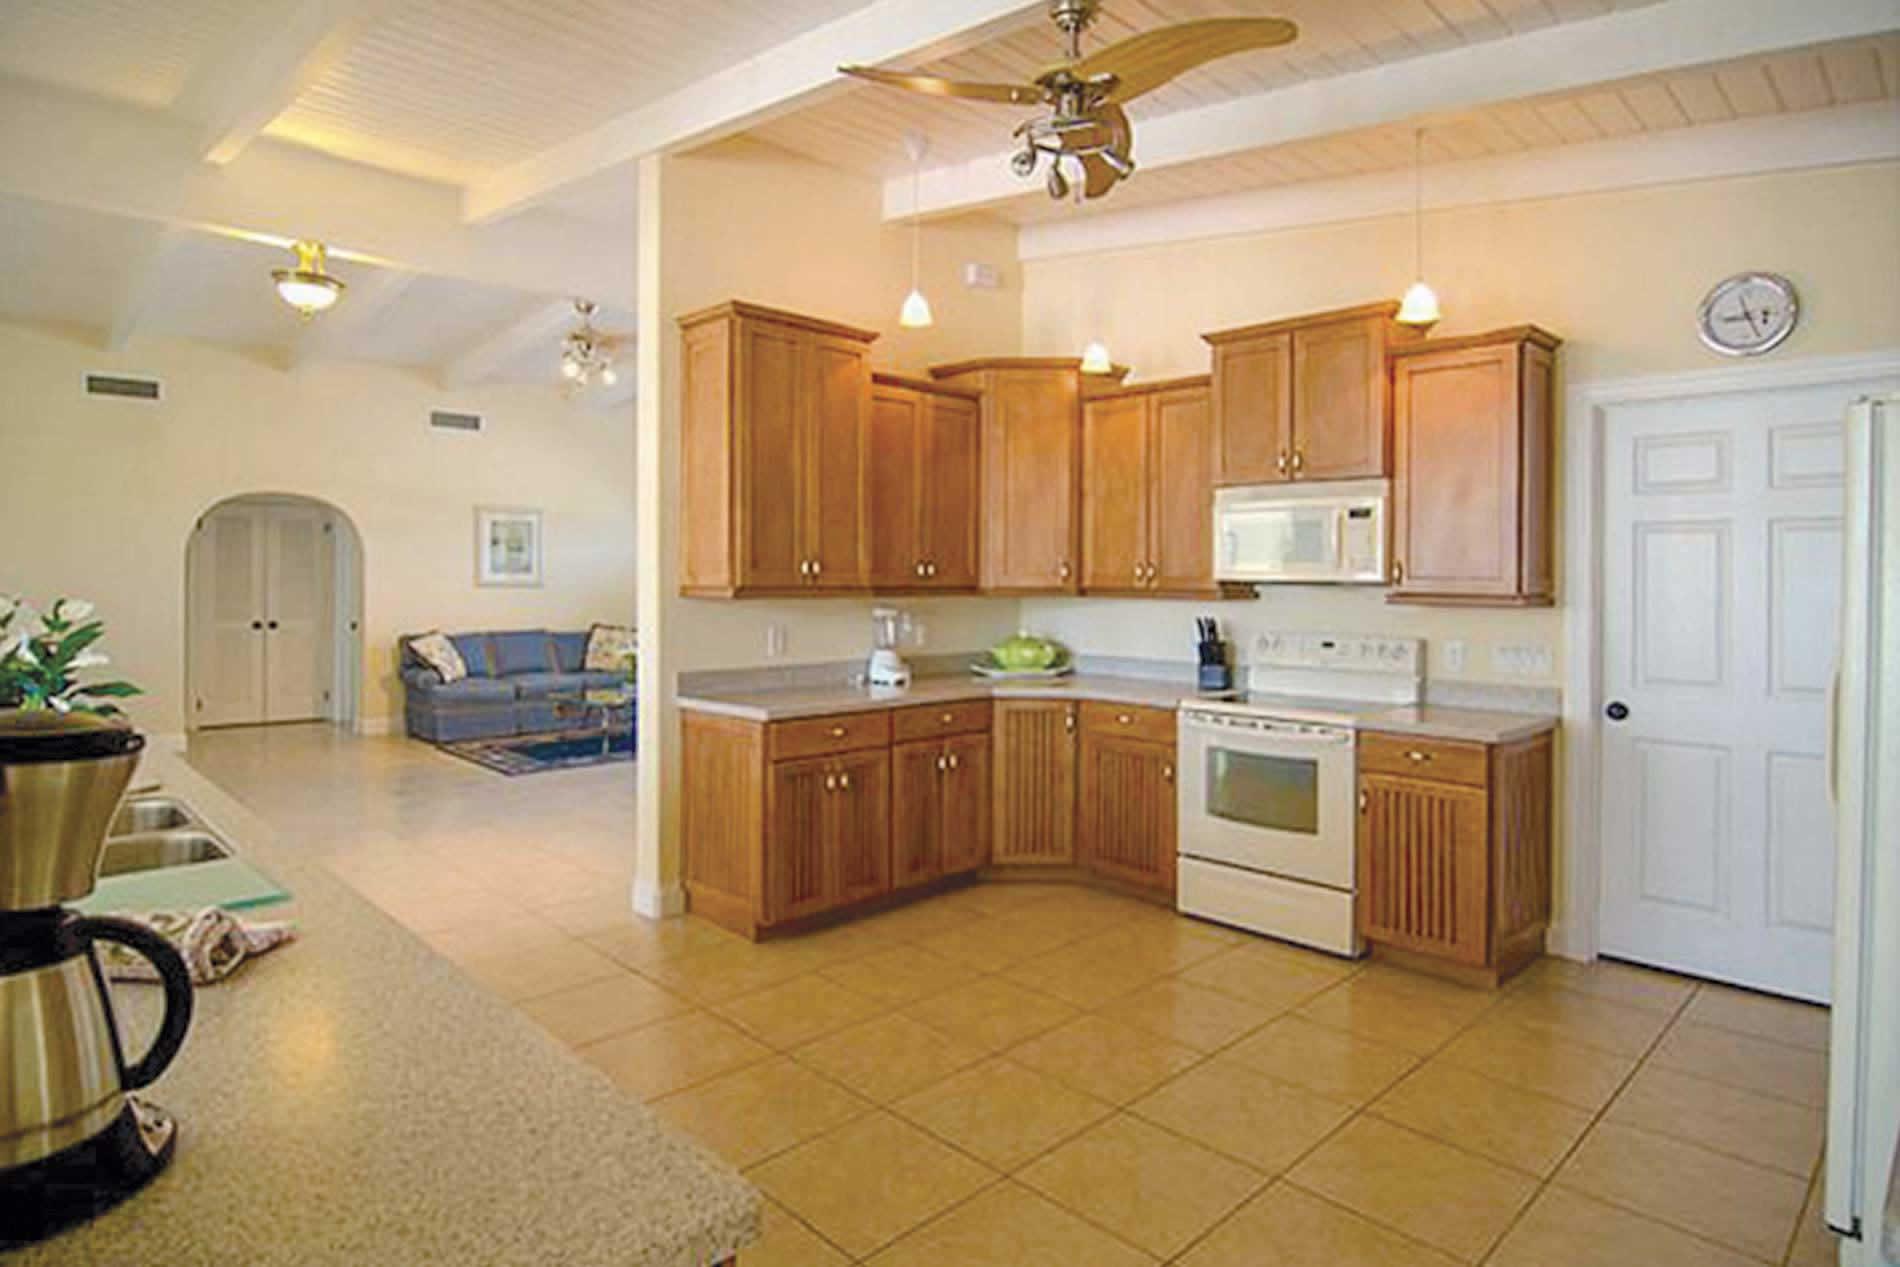 Villa 529 Key Royale in Anna Maria Island - sleeps 12 people